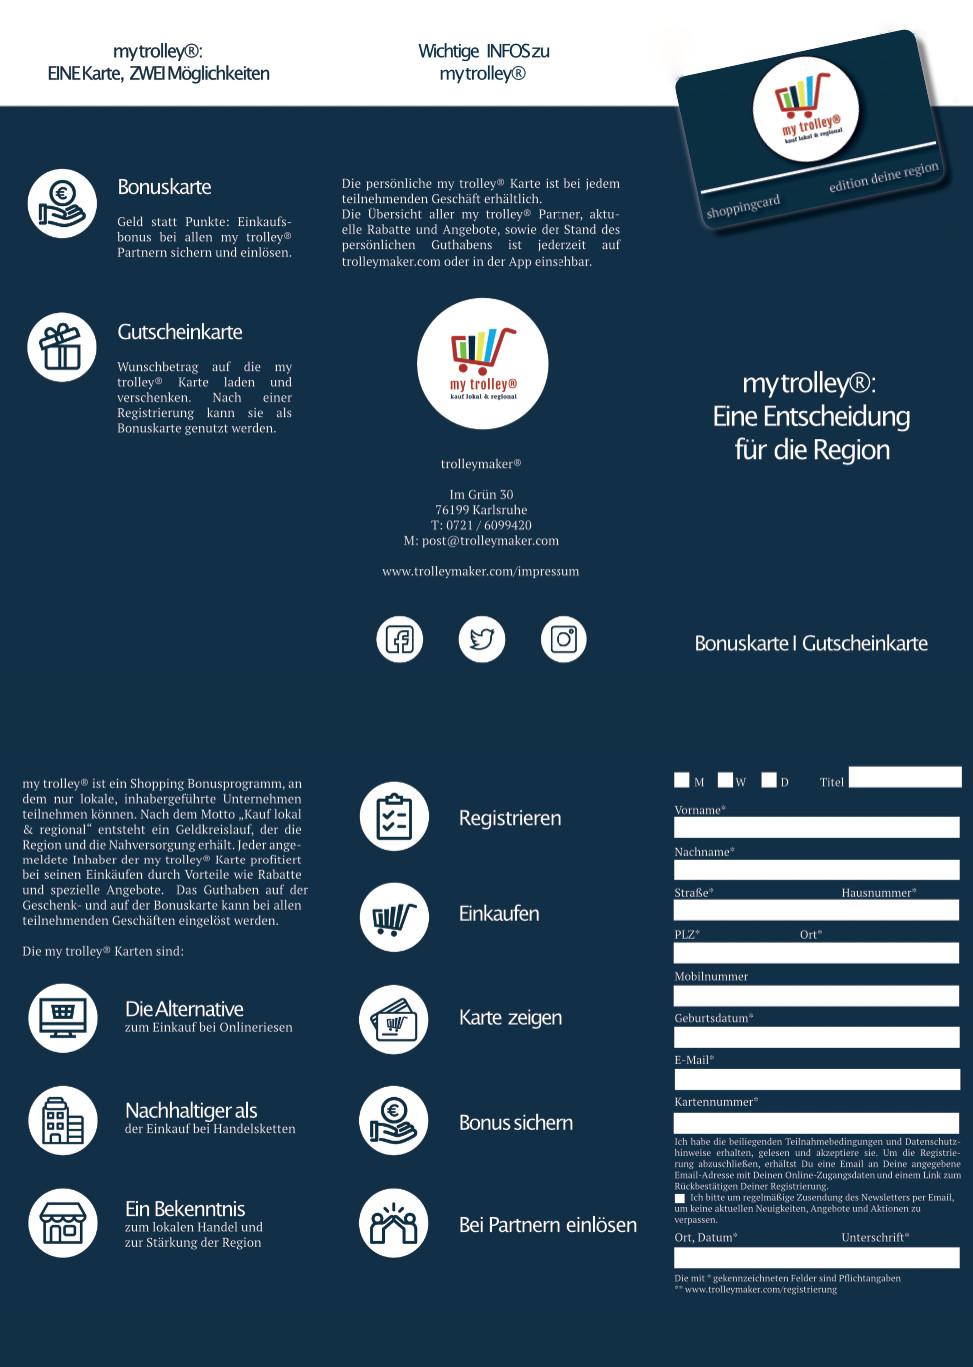 Husung + Bergmann - Agentur und Kommunikationsberatung - Referenzen